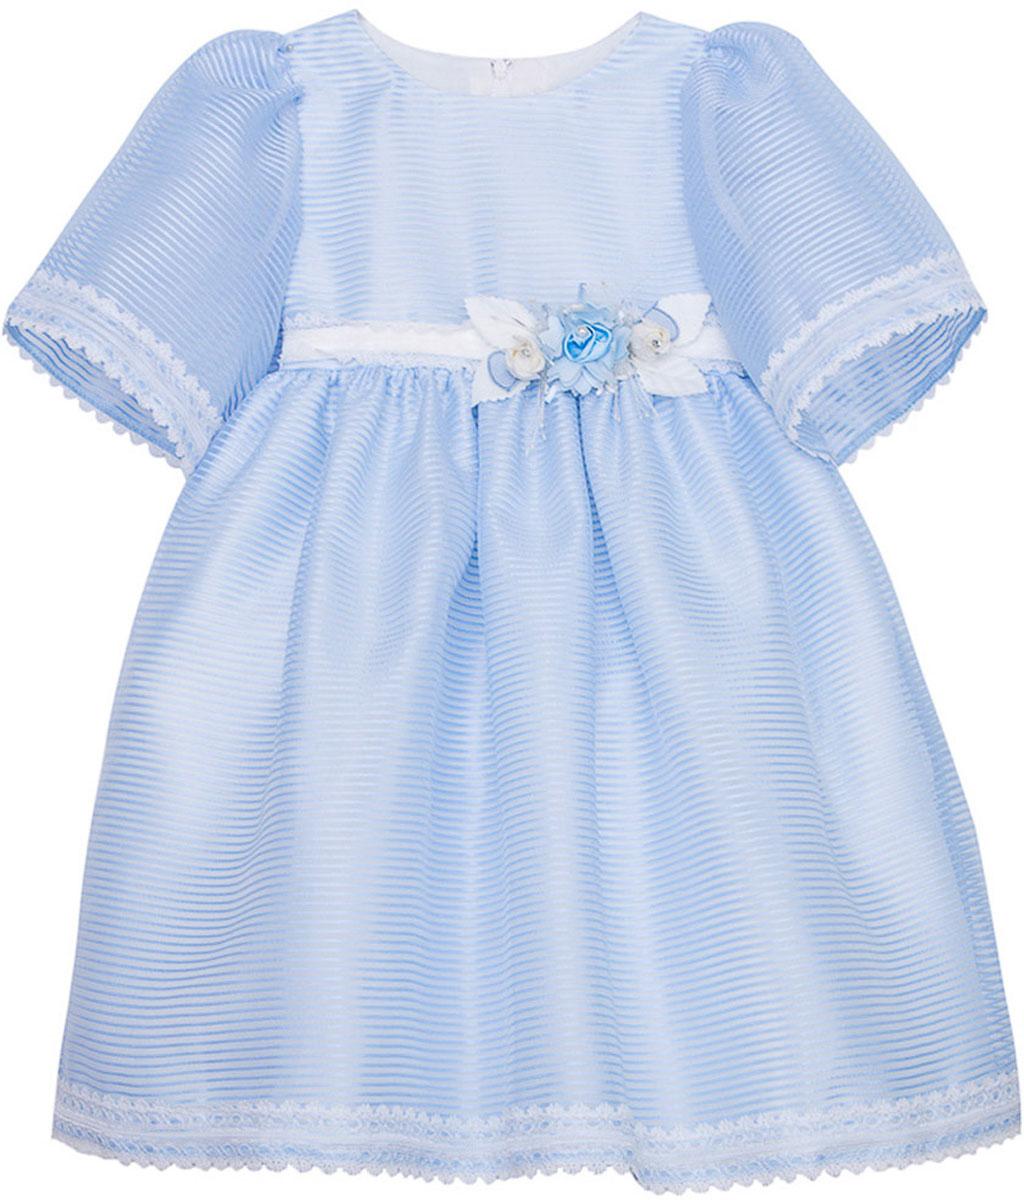 Платье для девочки Vitacci, цвет: голубой. 2171407-10. Размер 1102171407-10